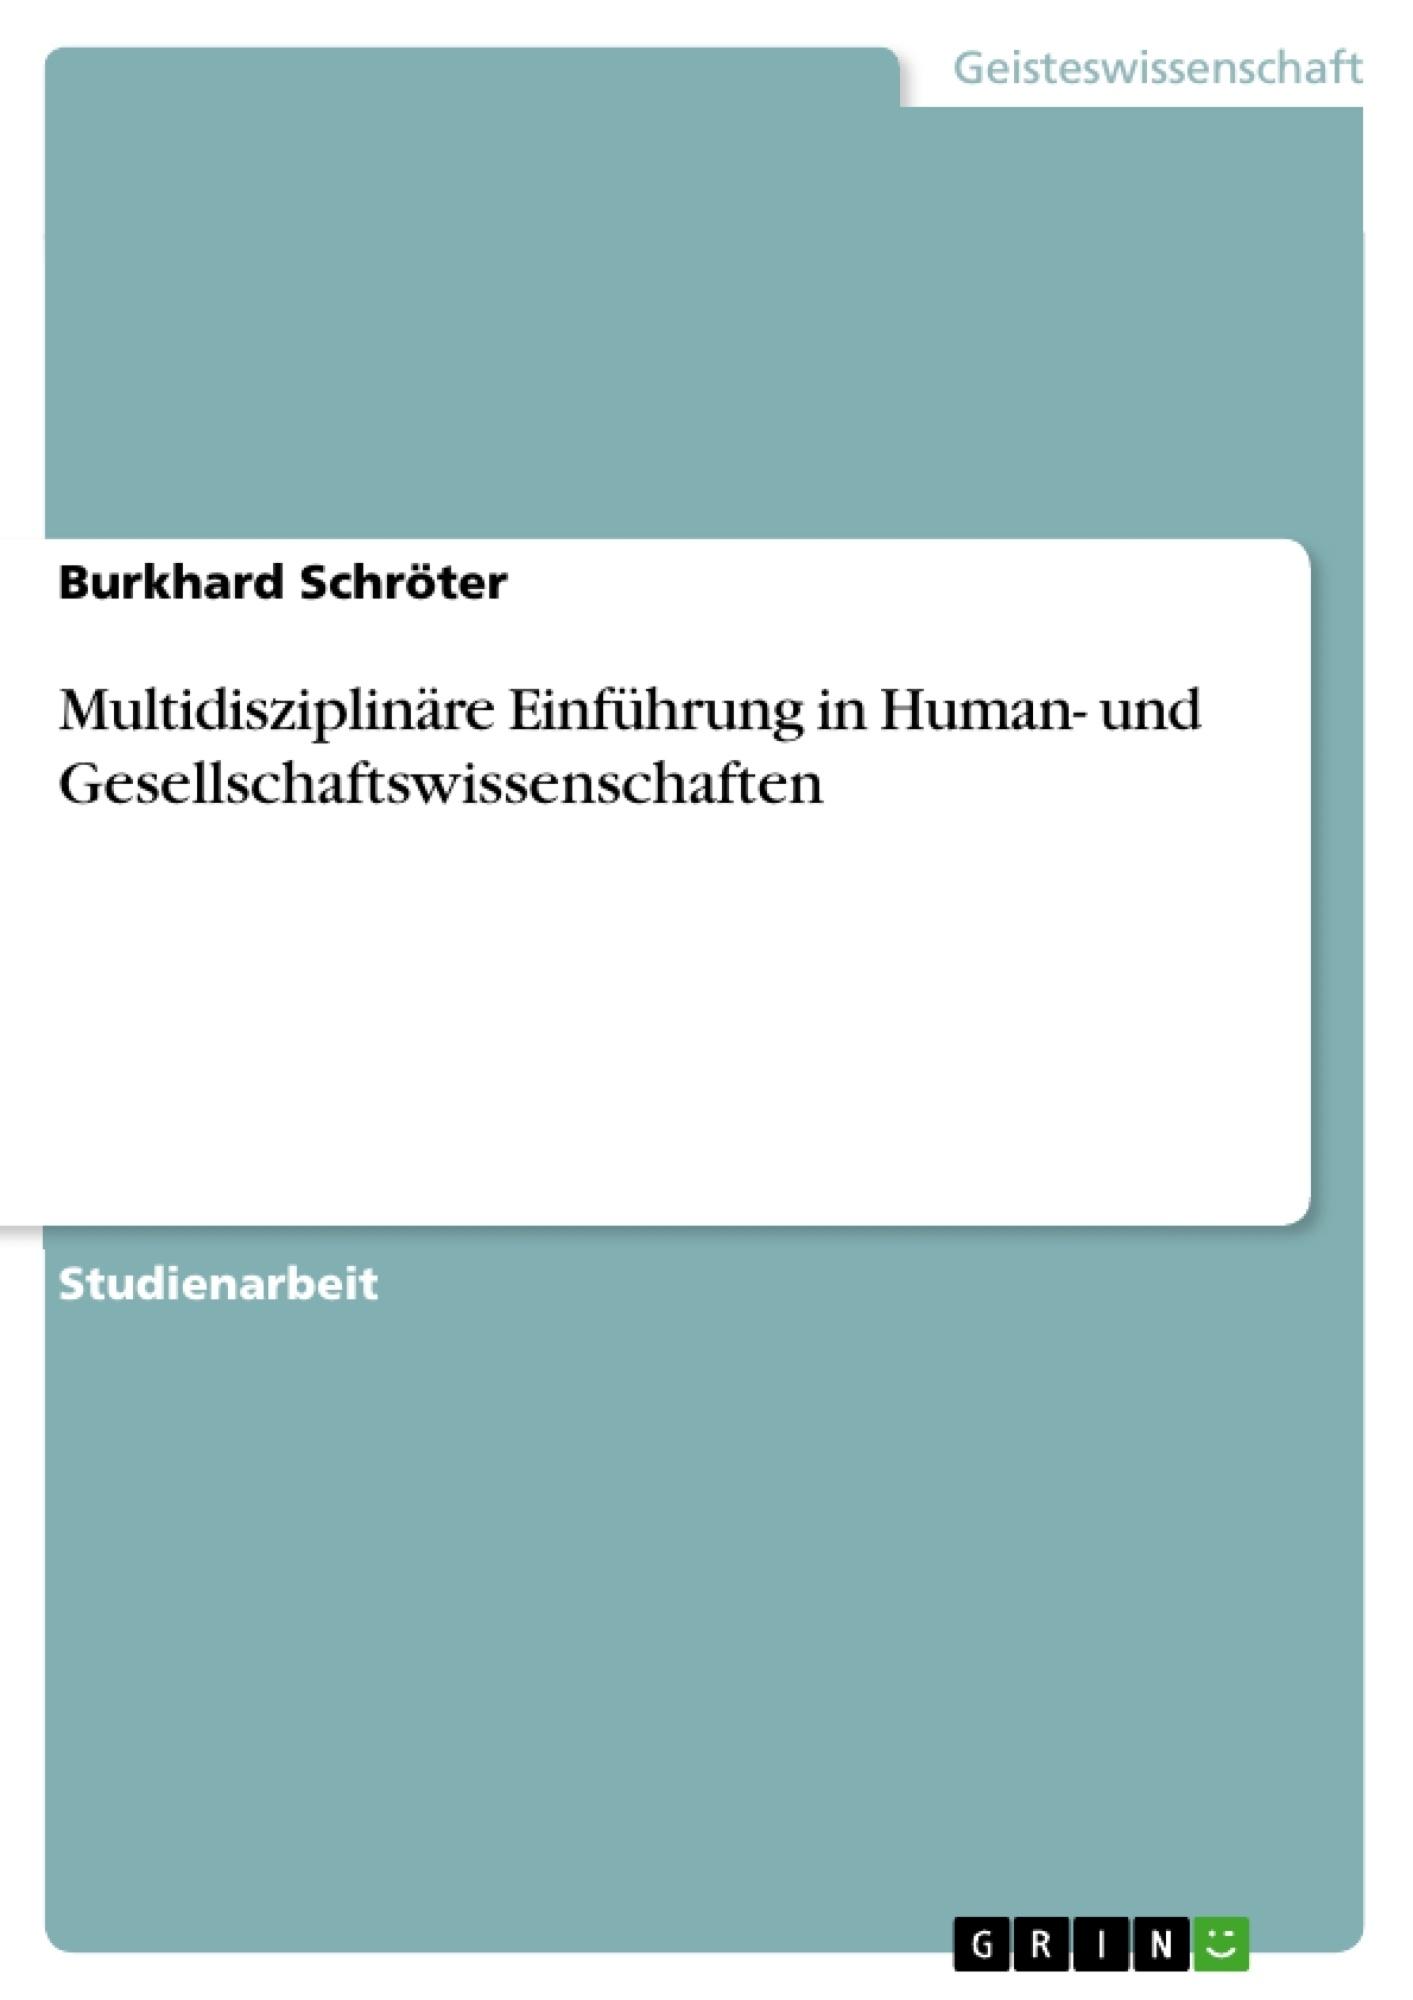 Titel: Multidisziplinäre Einführung in Human- und Gesellschaftswissenschaften